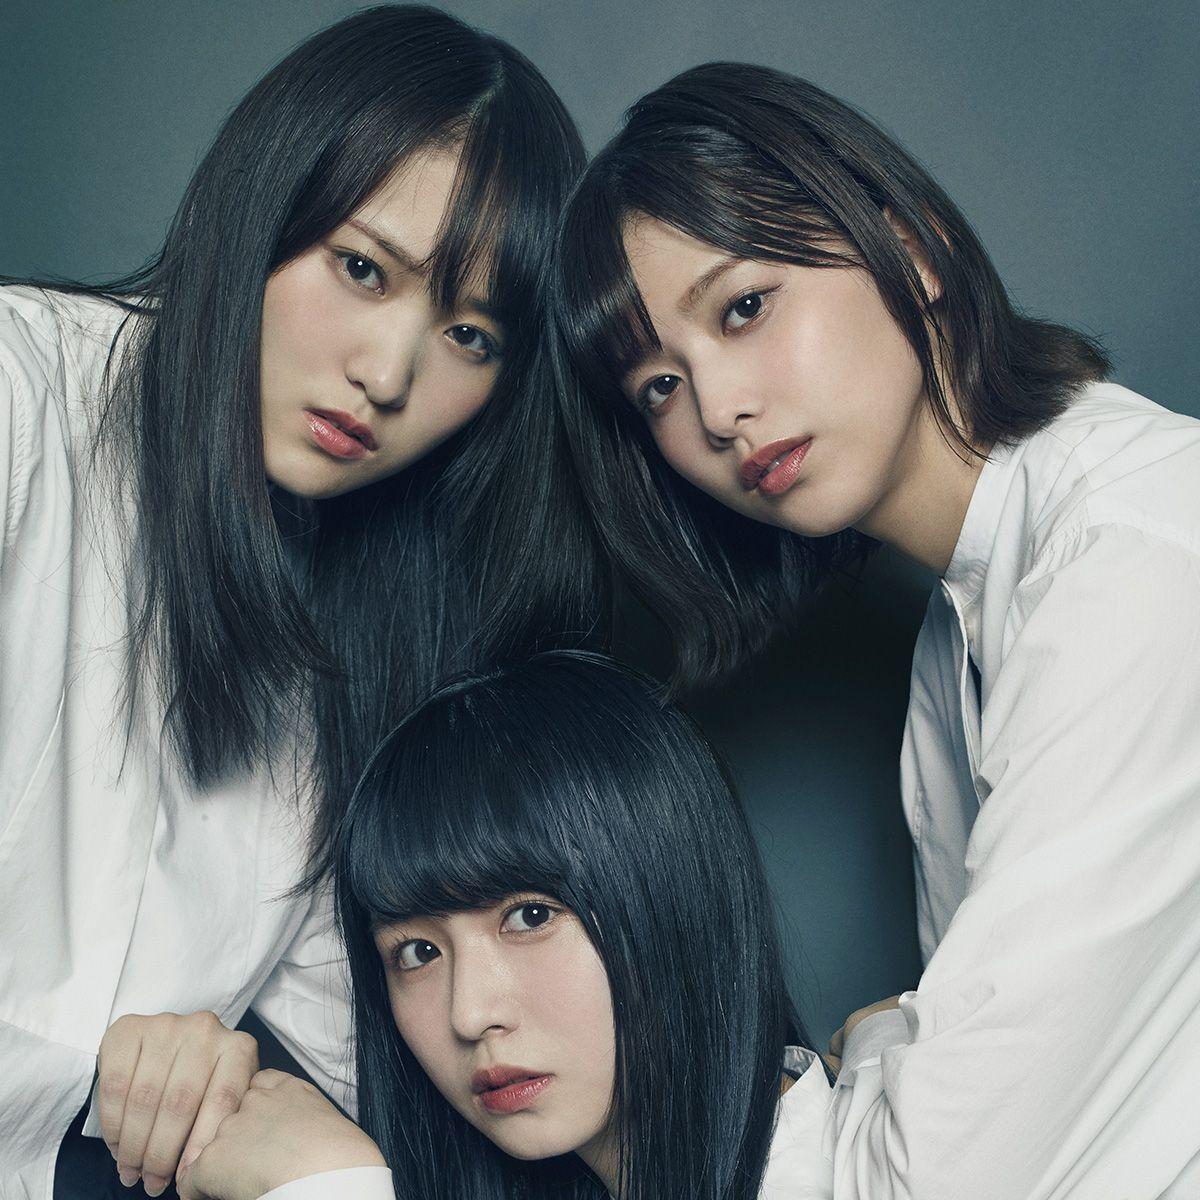 欅坂46が「15の夜」を語る──菅井友香、長濱ねる、渡邉理佐に